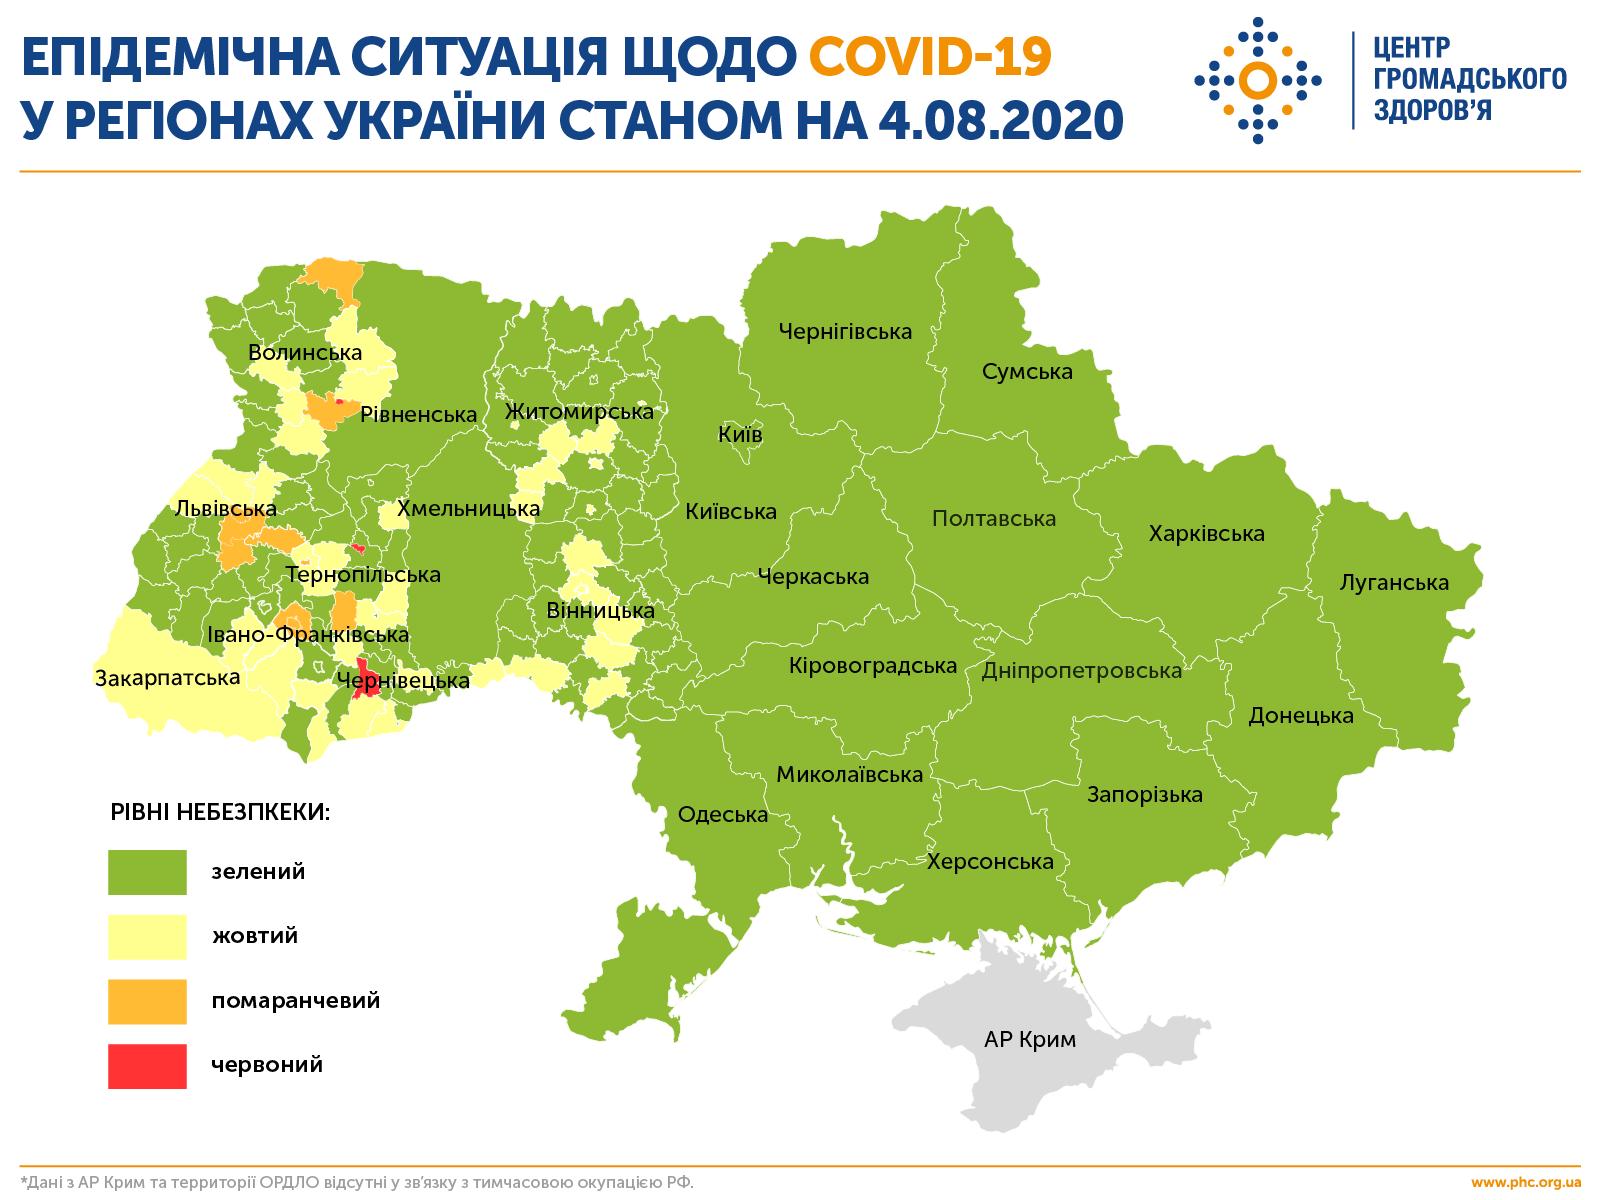 Карта регіонів за зонами станом на 4 серпня